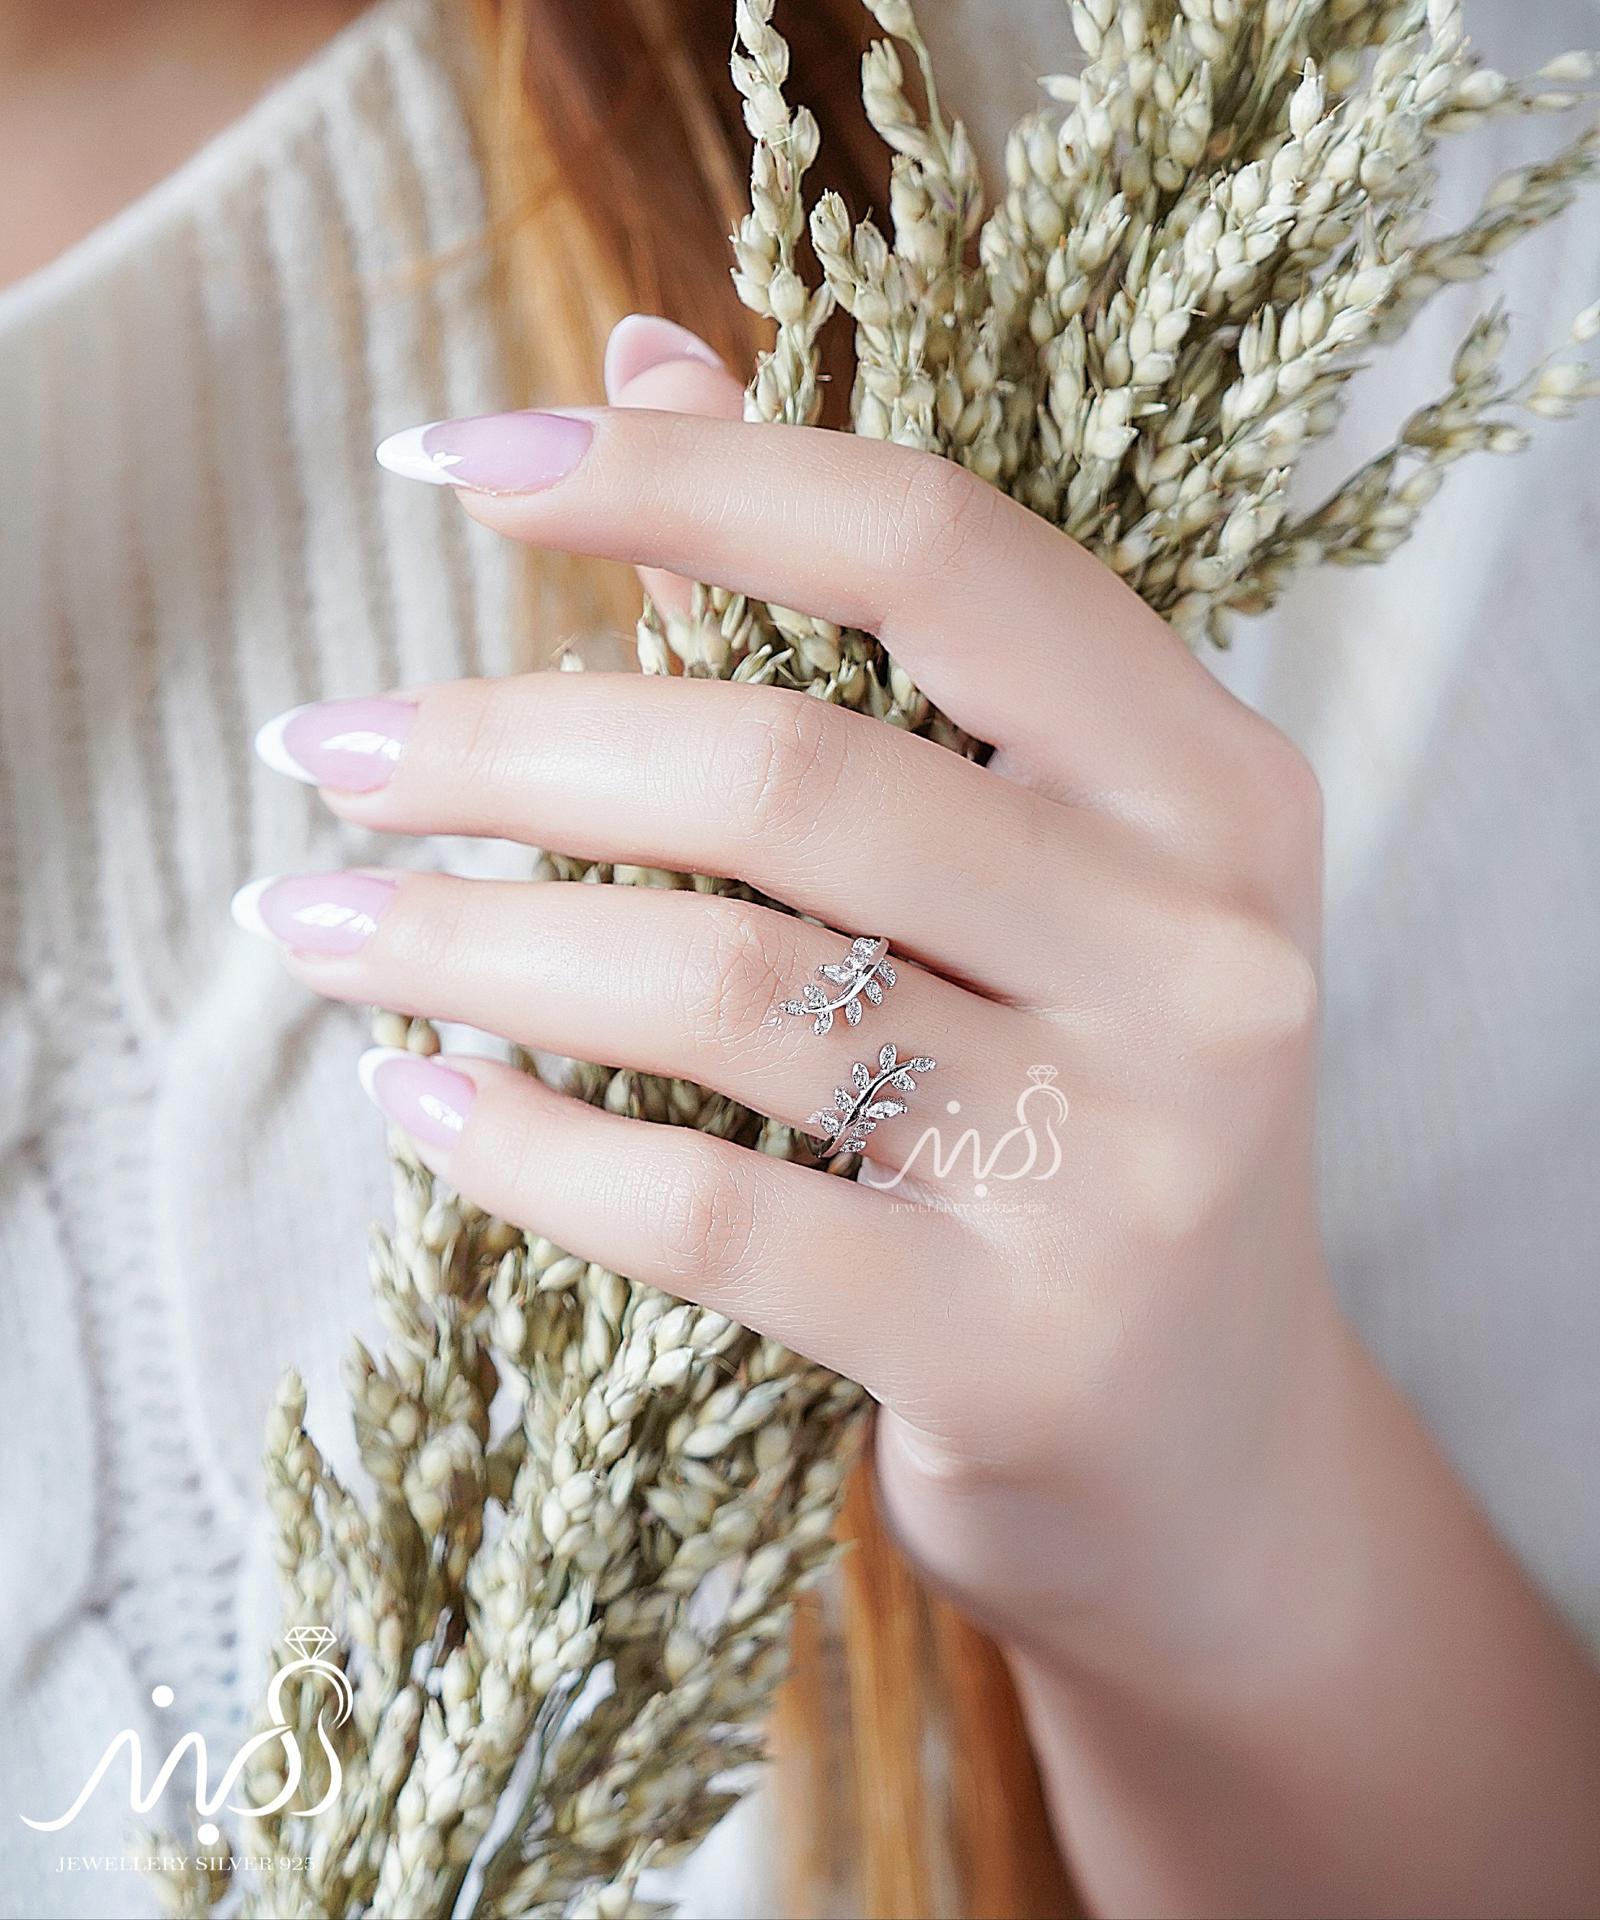 💍انگشتر طرح جواهر خوشه گندم ؛ با طراحی زیبا و ظریف نقره عیار ۹۲۵ با روکش طلا سفید (فری سایز)